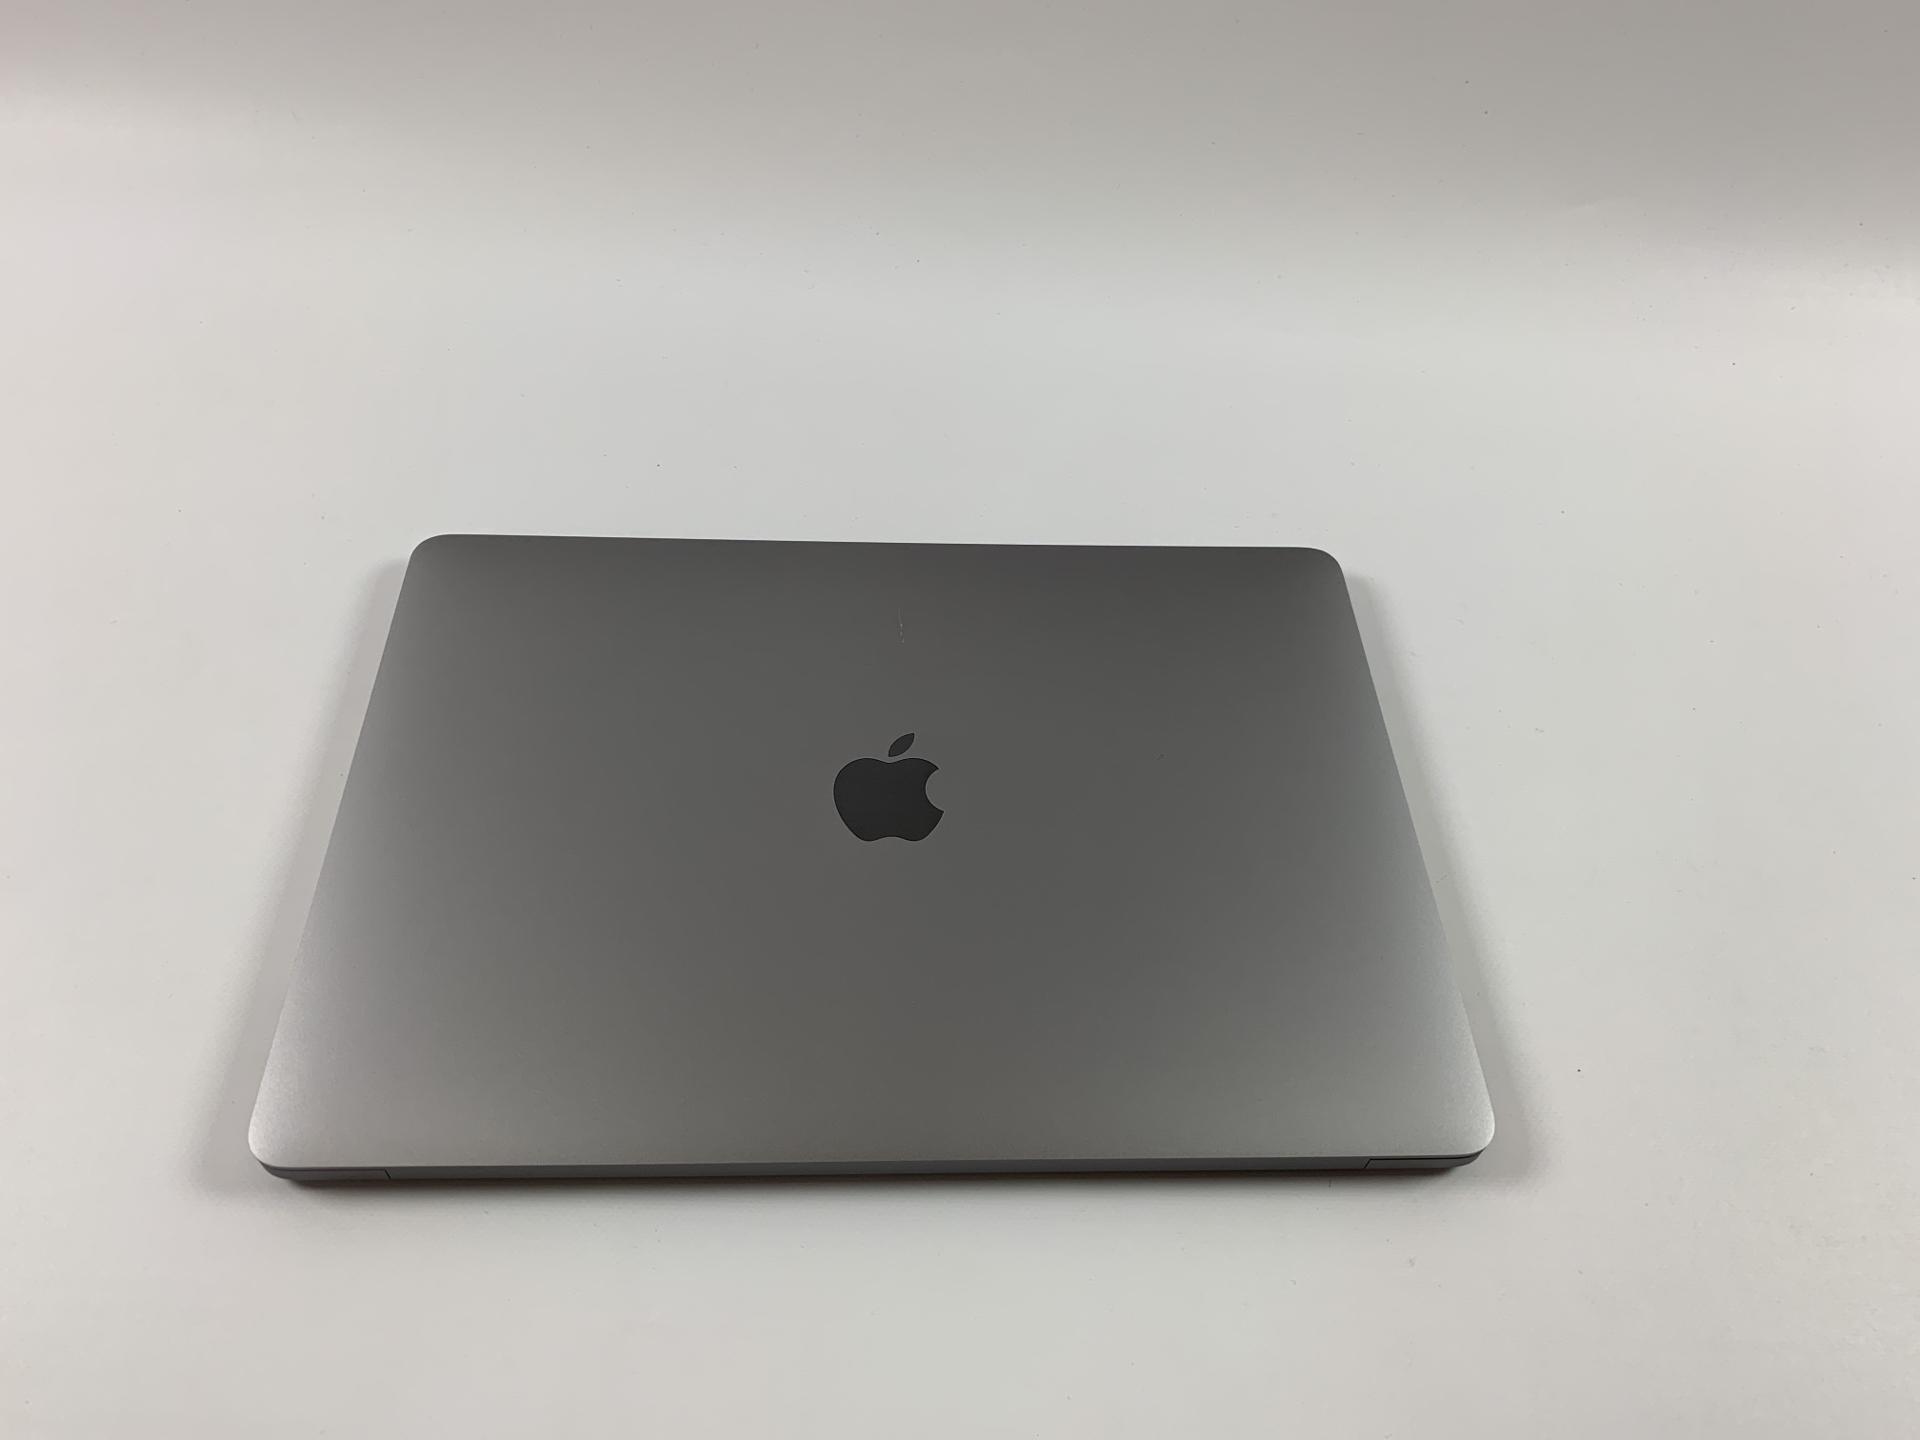 """MacBook Pro 13"""" 4TBT Mid 2017 (Intel Core i5 3.1 GHz 8 GB RAM 512 GB SSD), Space Gray, Intel Core i5 3.1 GHz, 8 GB RAM, 512 GB SSD, Kuva 2"""